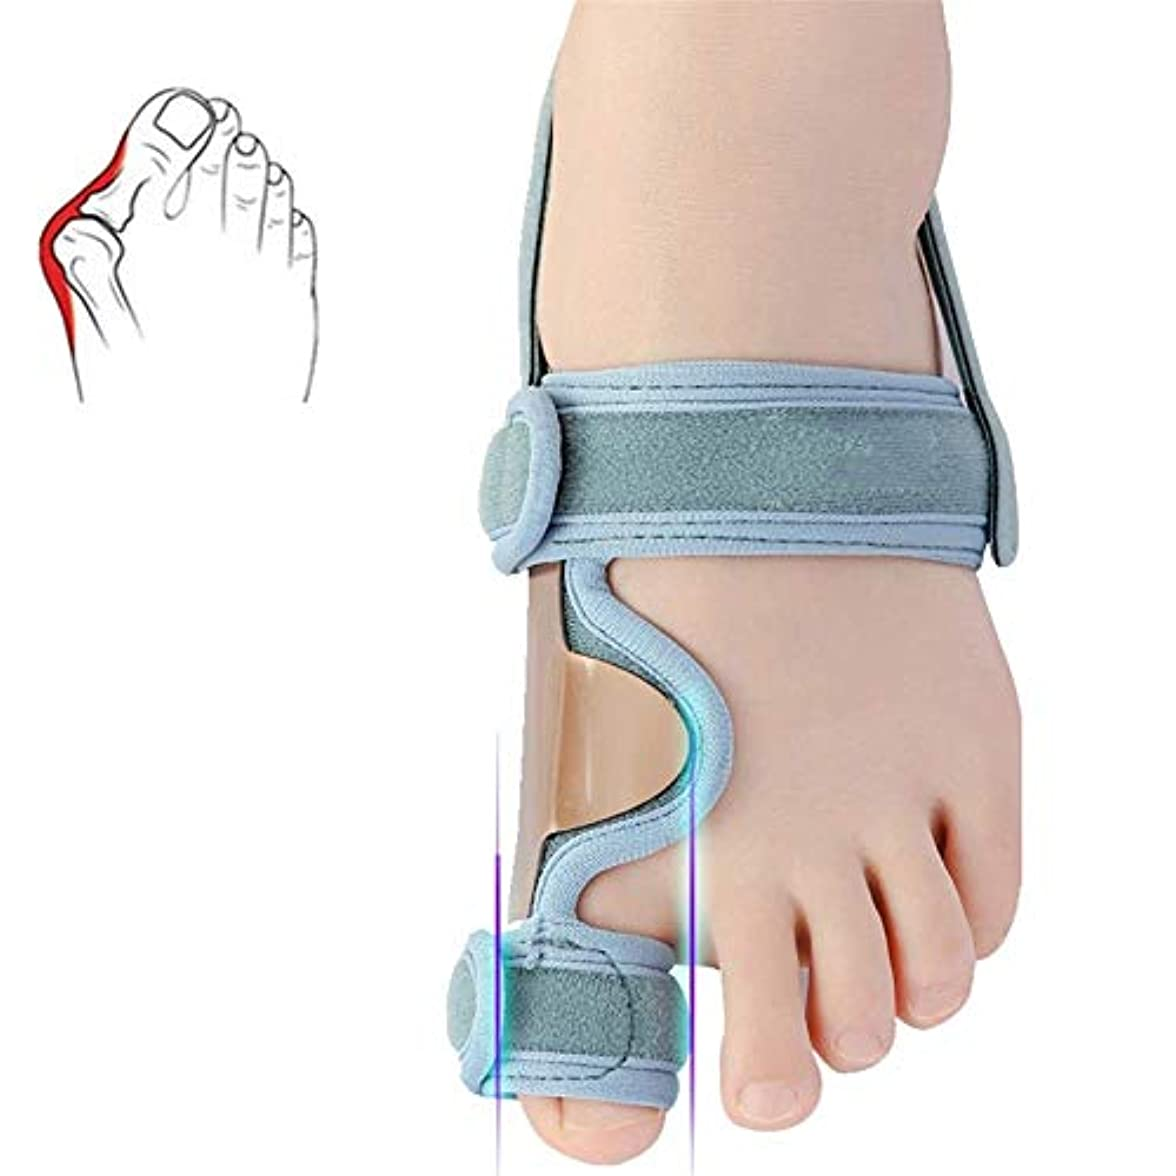 バブル自己薄めるNighttime Bunion Corrector Toe Straightener、夜用、1組の整形外科用Bunion Splintsビッグトゥストレイテナー、Bunion Splint Protectorバニオンブレース...